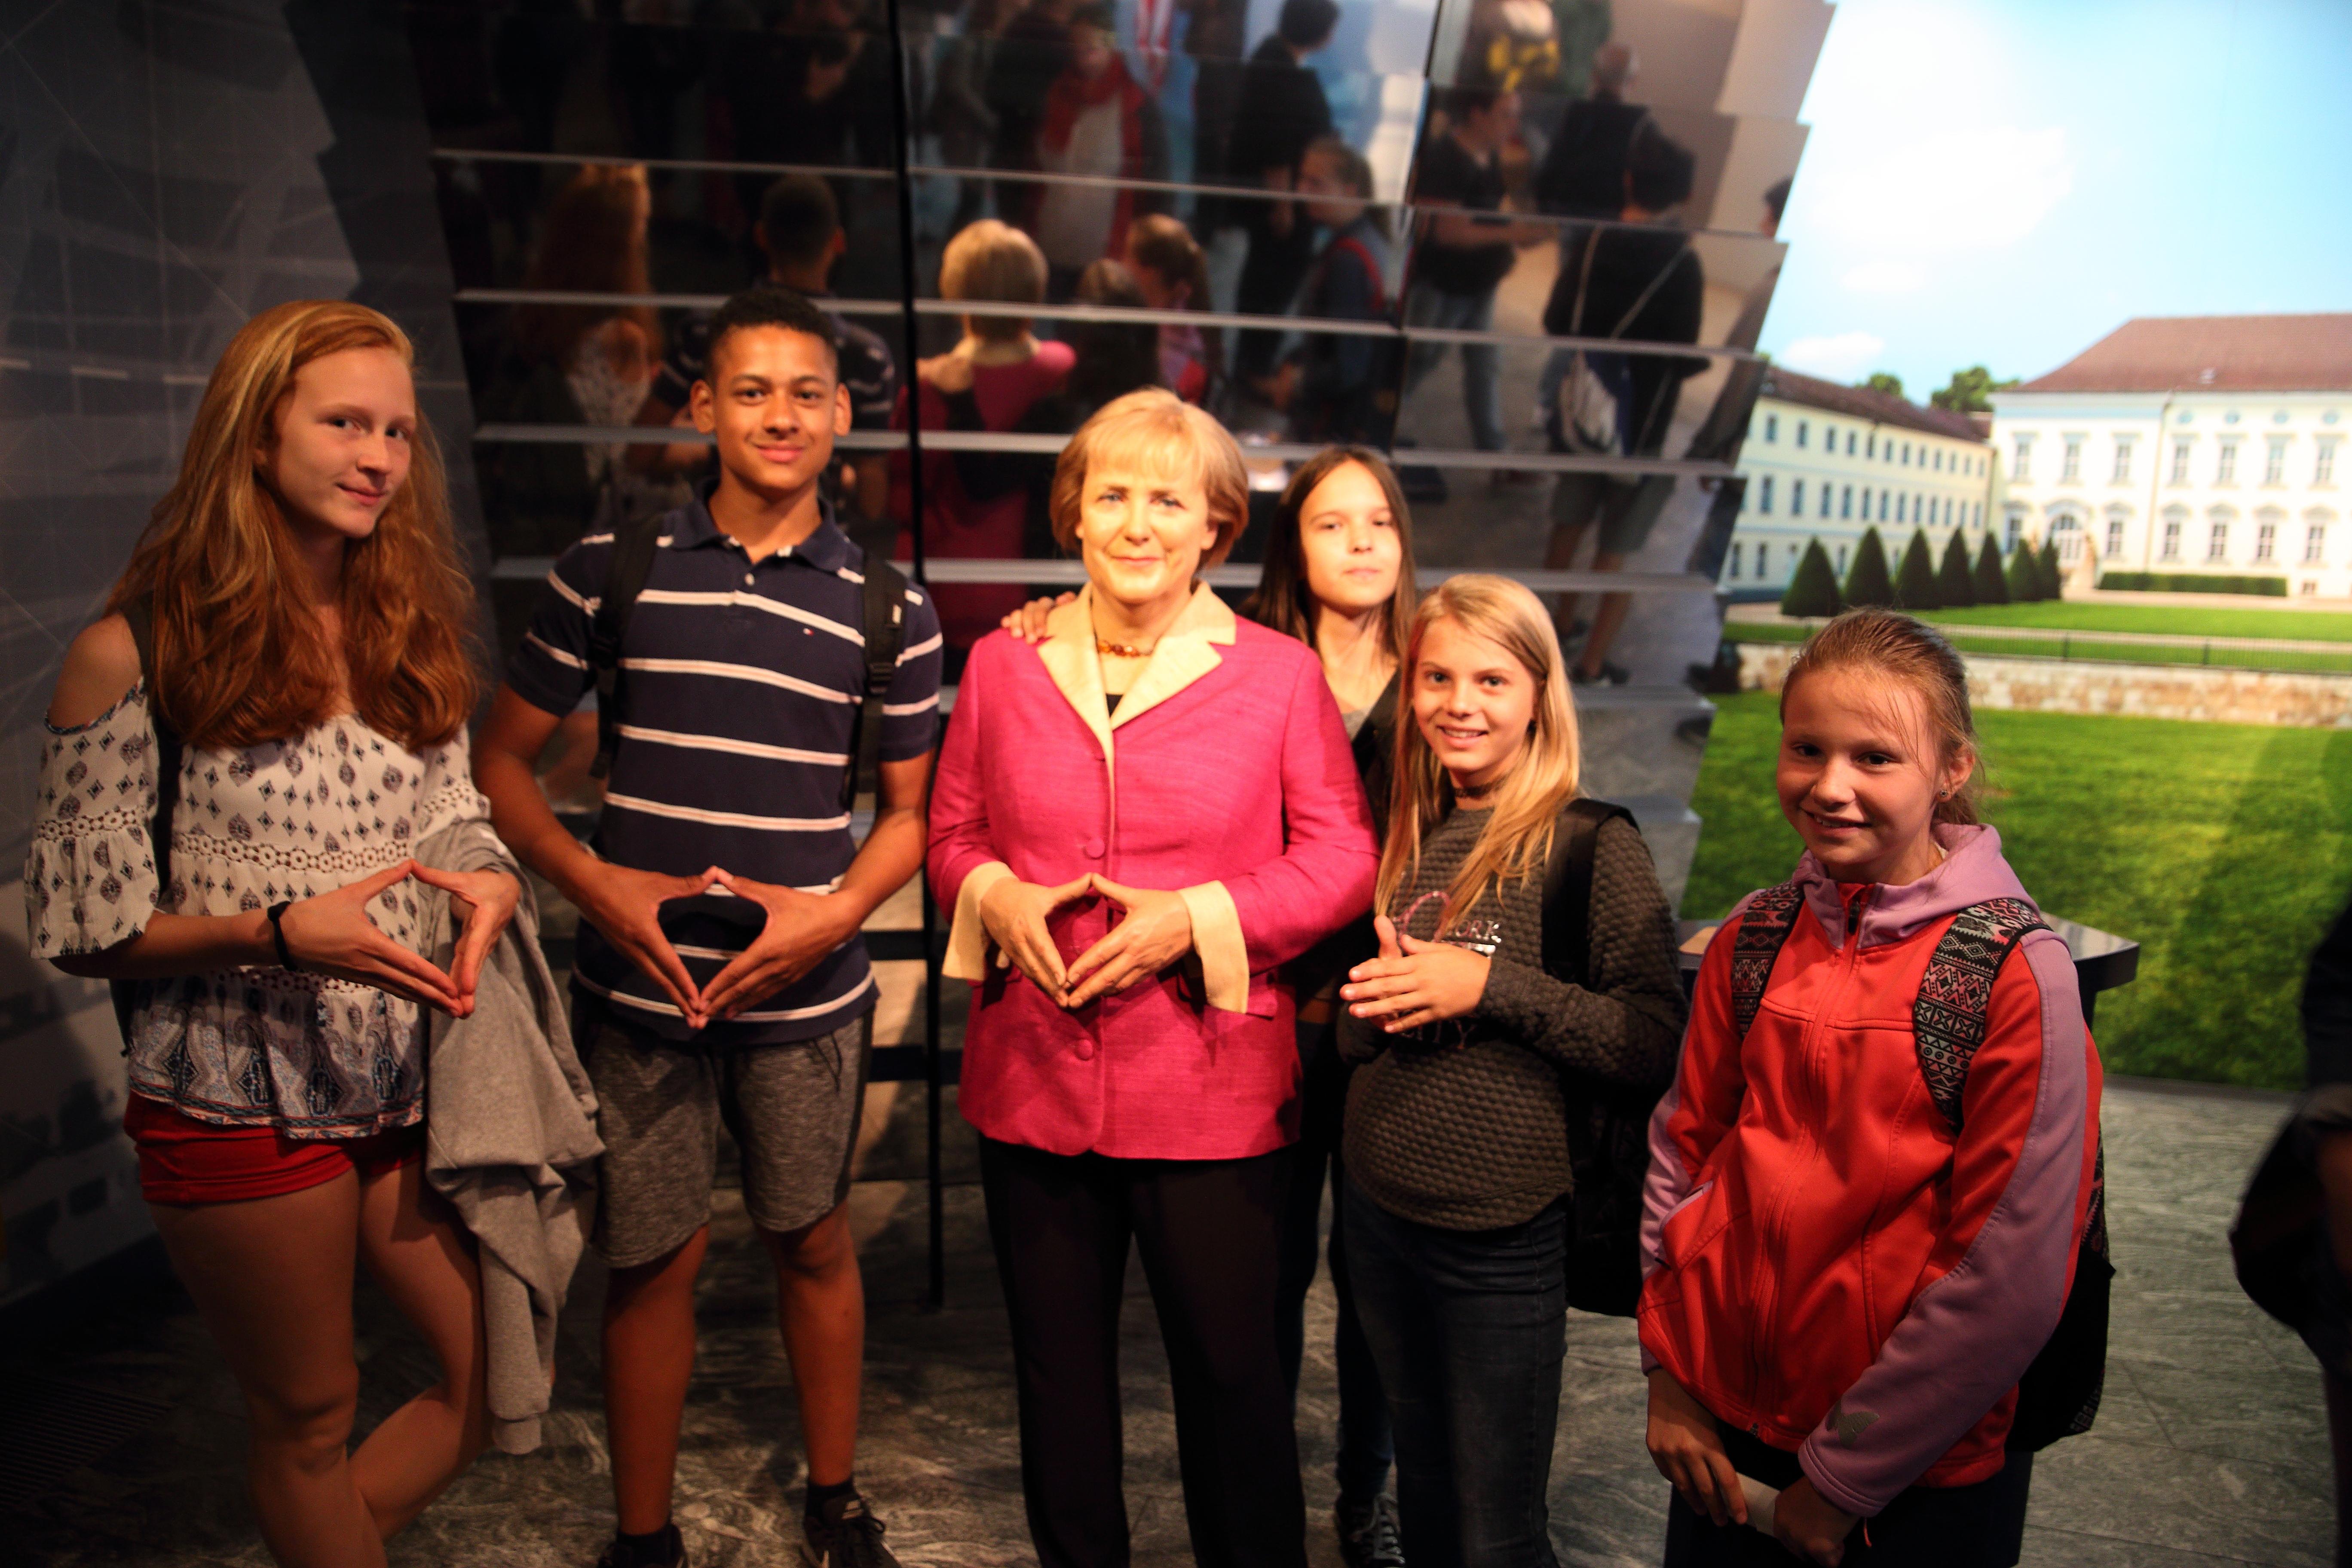 Gruppenfoto mit Angela Merkel bei Madame Tussauds